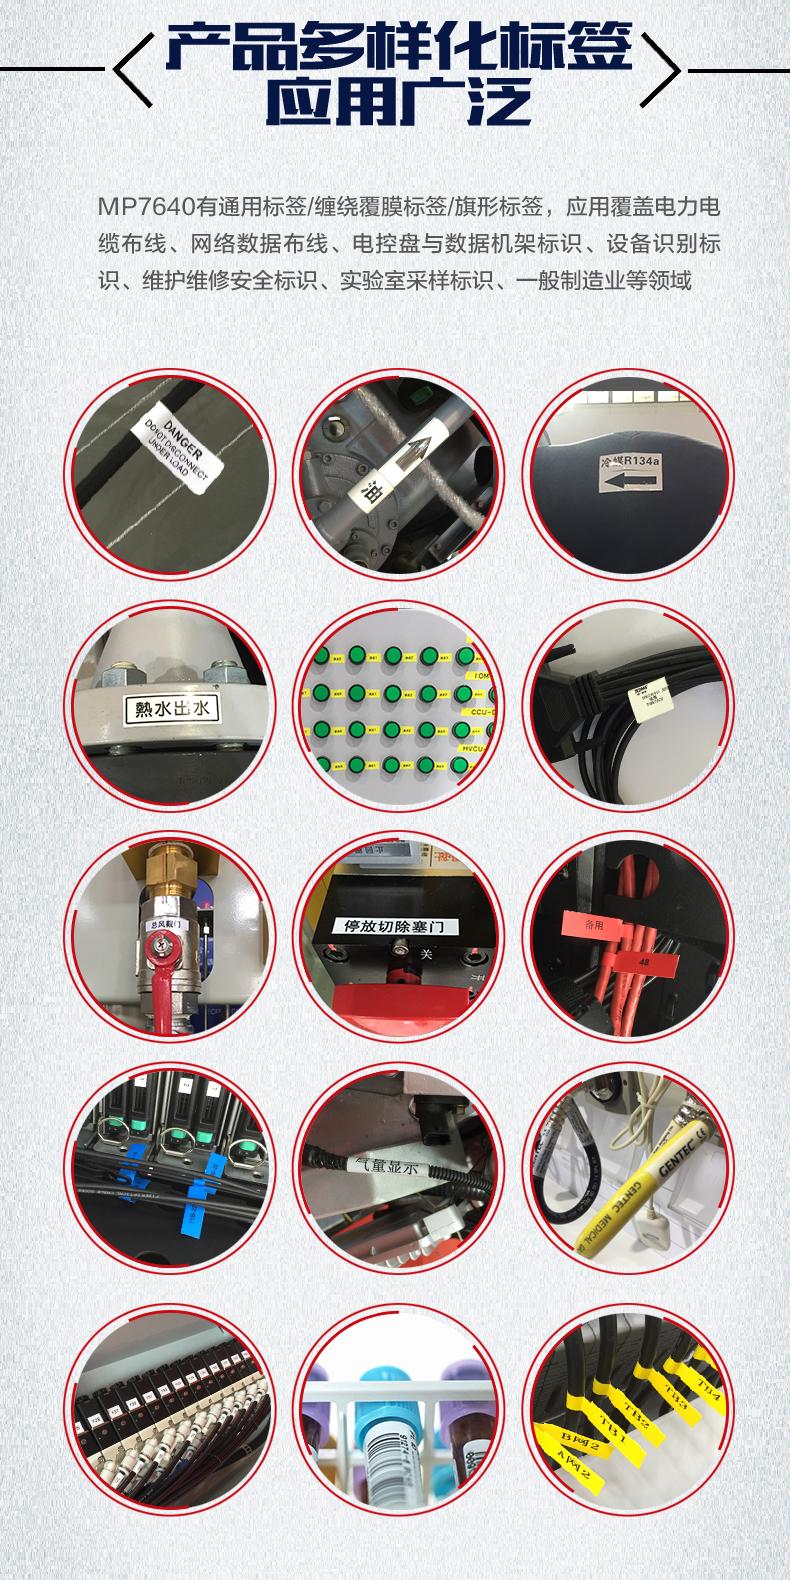 工业标签打印机MP7640应用实例